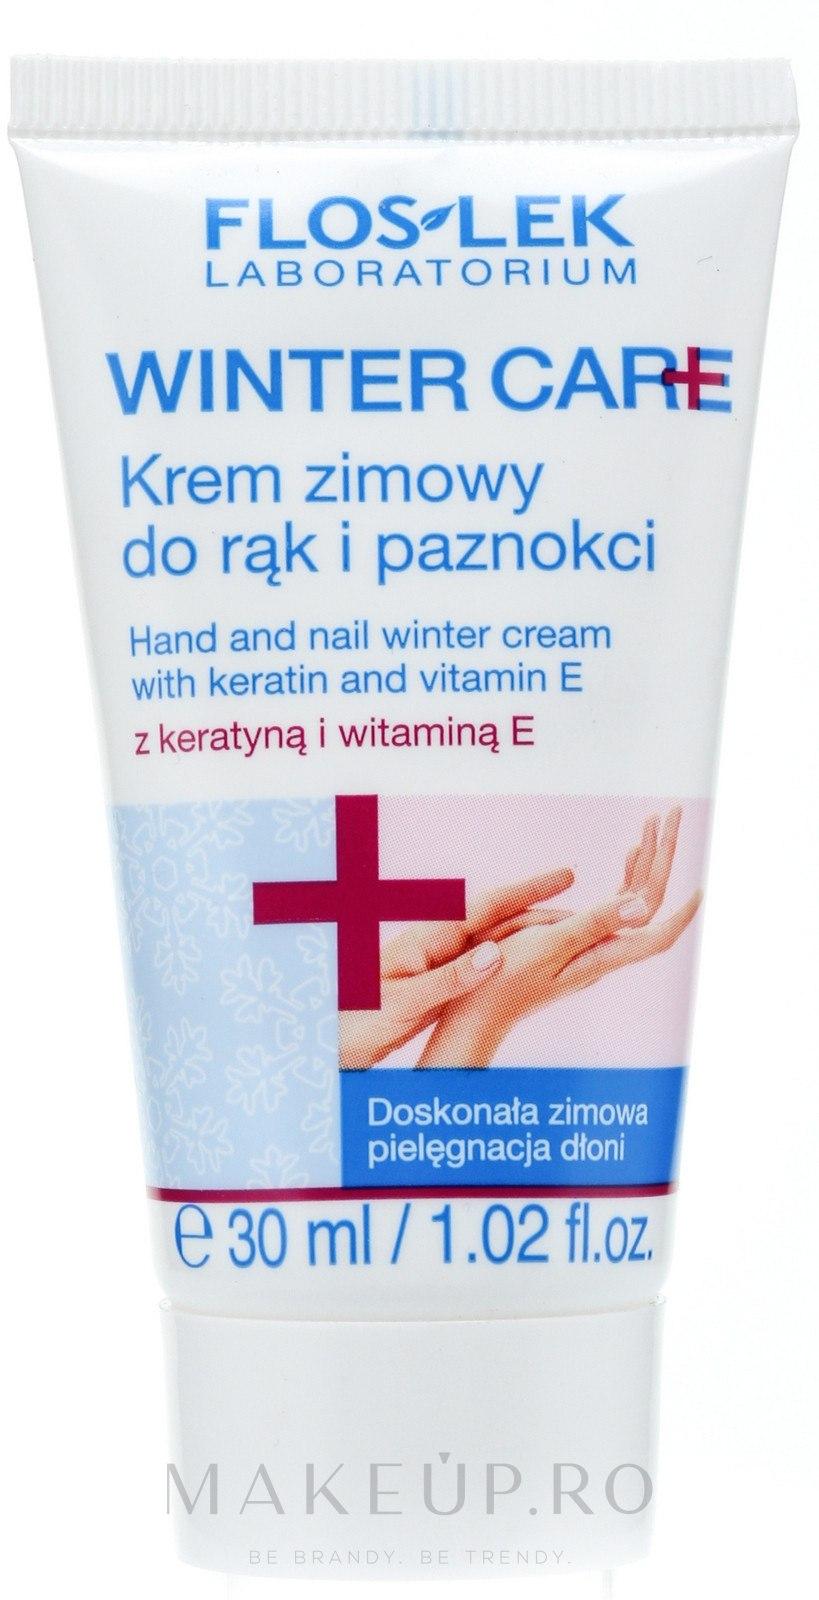 Cremă de mâini și unghii pentru iarnă - Floslek Winter Care Hand And Nail Winter Cream — Imagine 30 ml